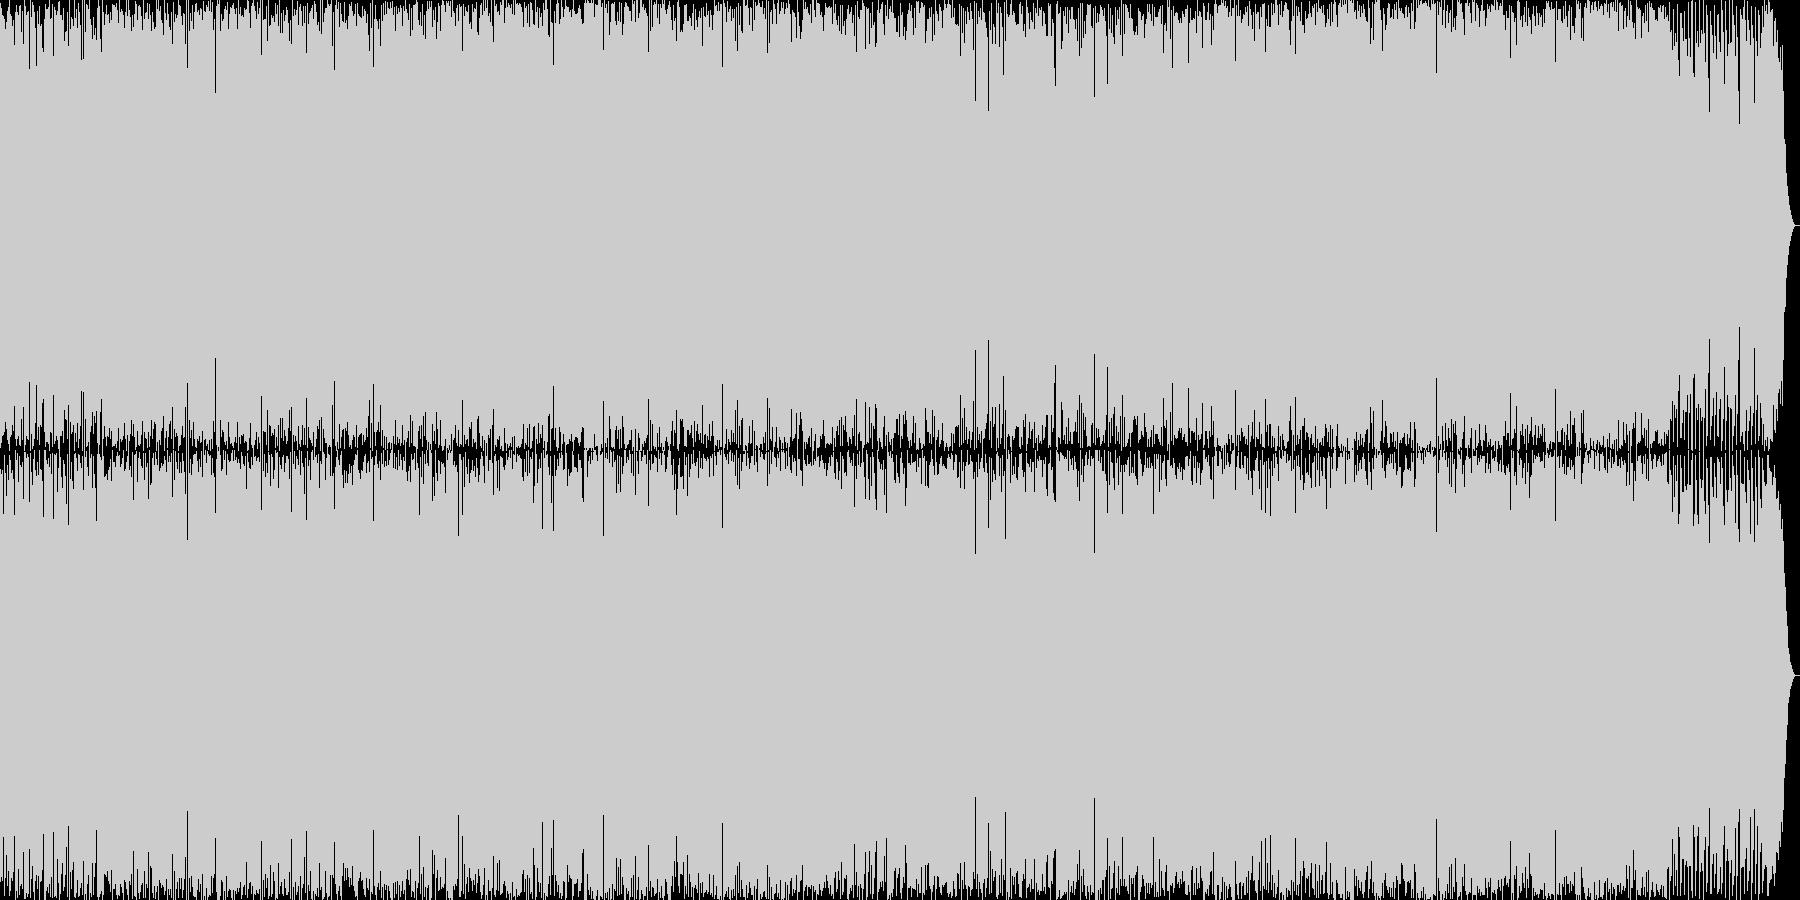 スポーツ描写にぴったりのアグレッシブな曲の未再生の波形